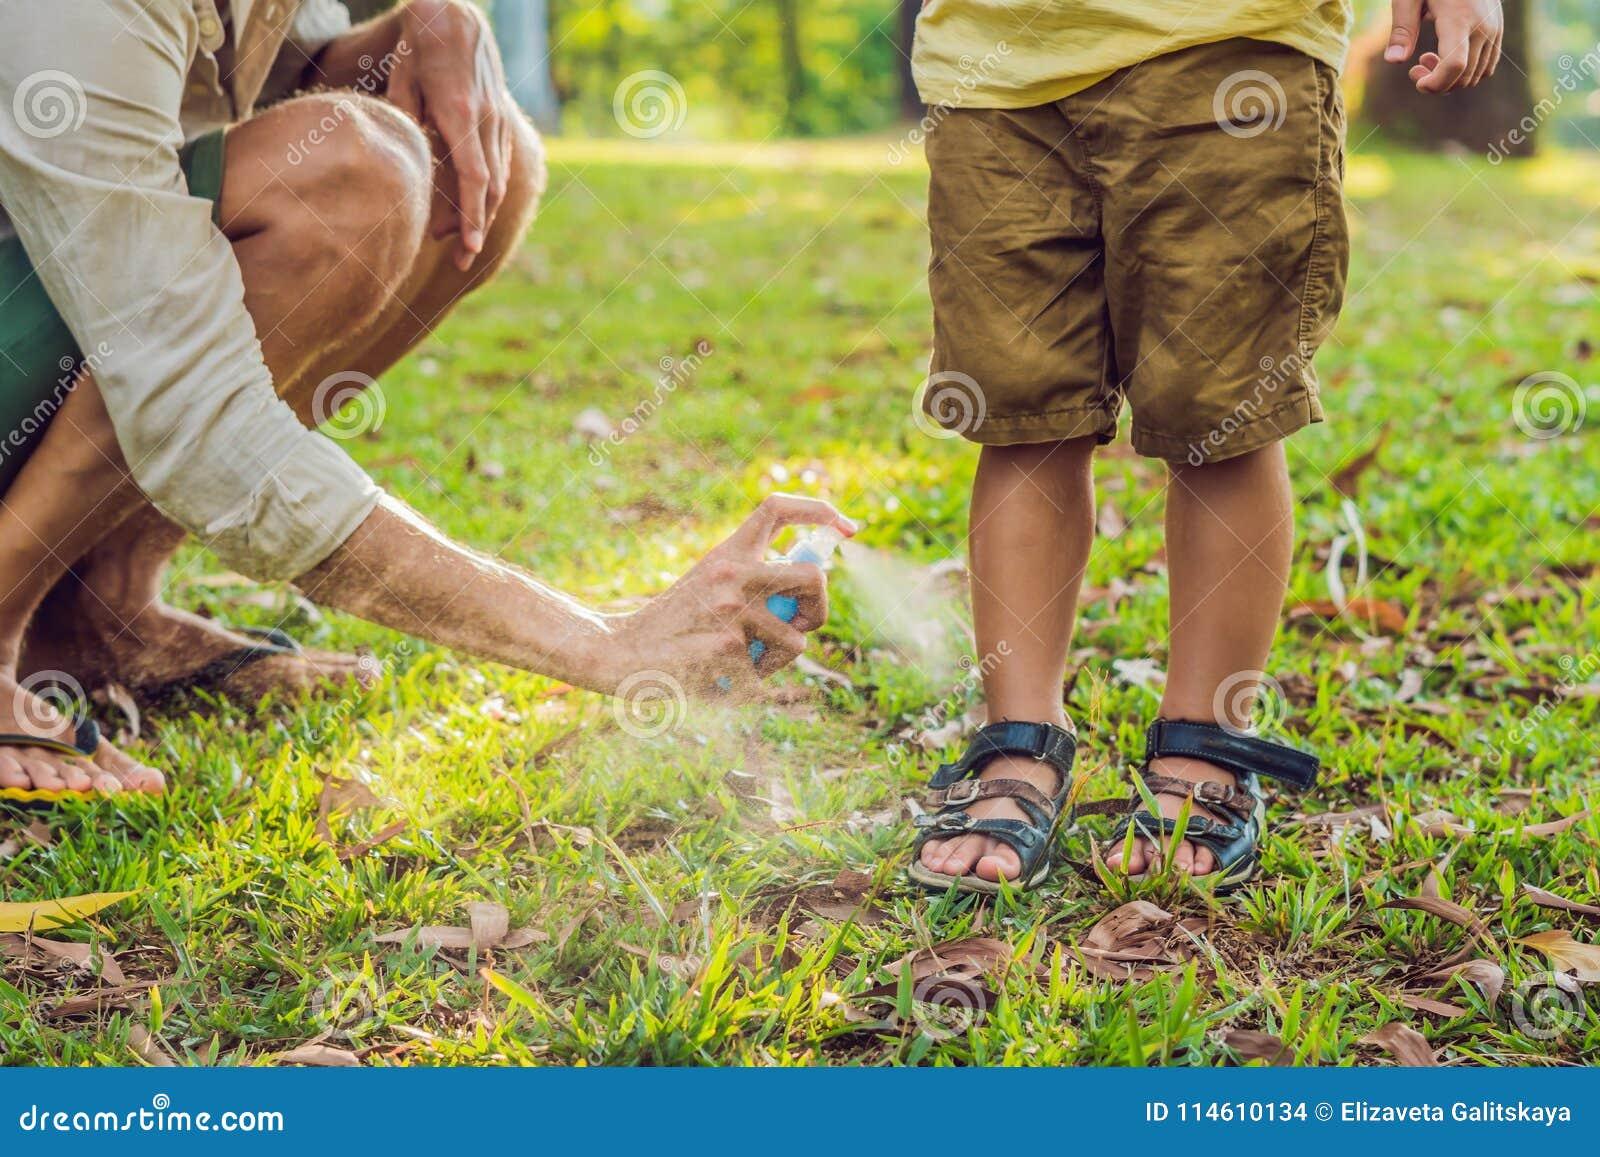 爸爸和儿子用途蚊子浪花 在室外的皮肤的喷洒的杀虫剂